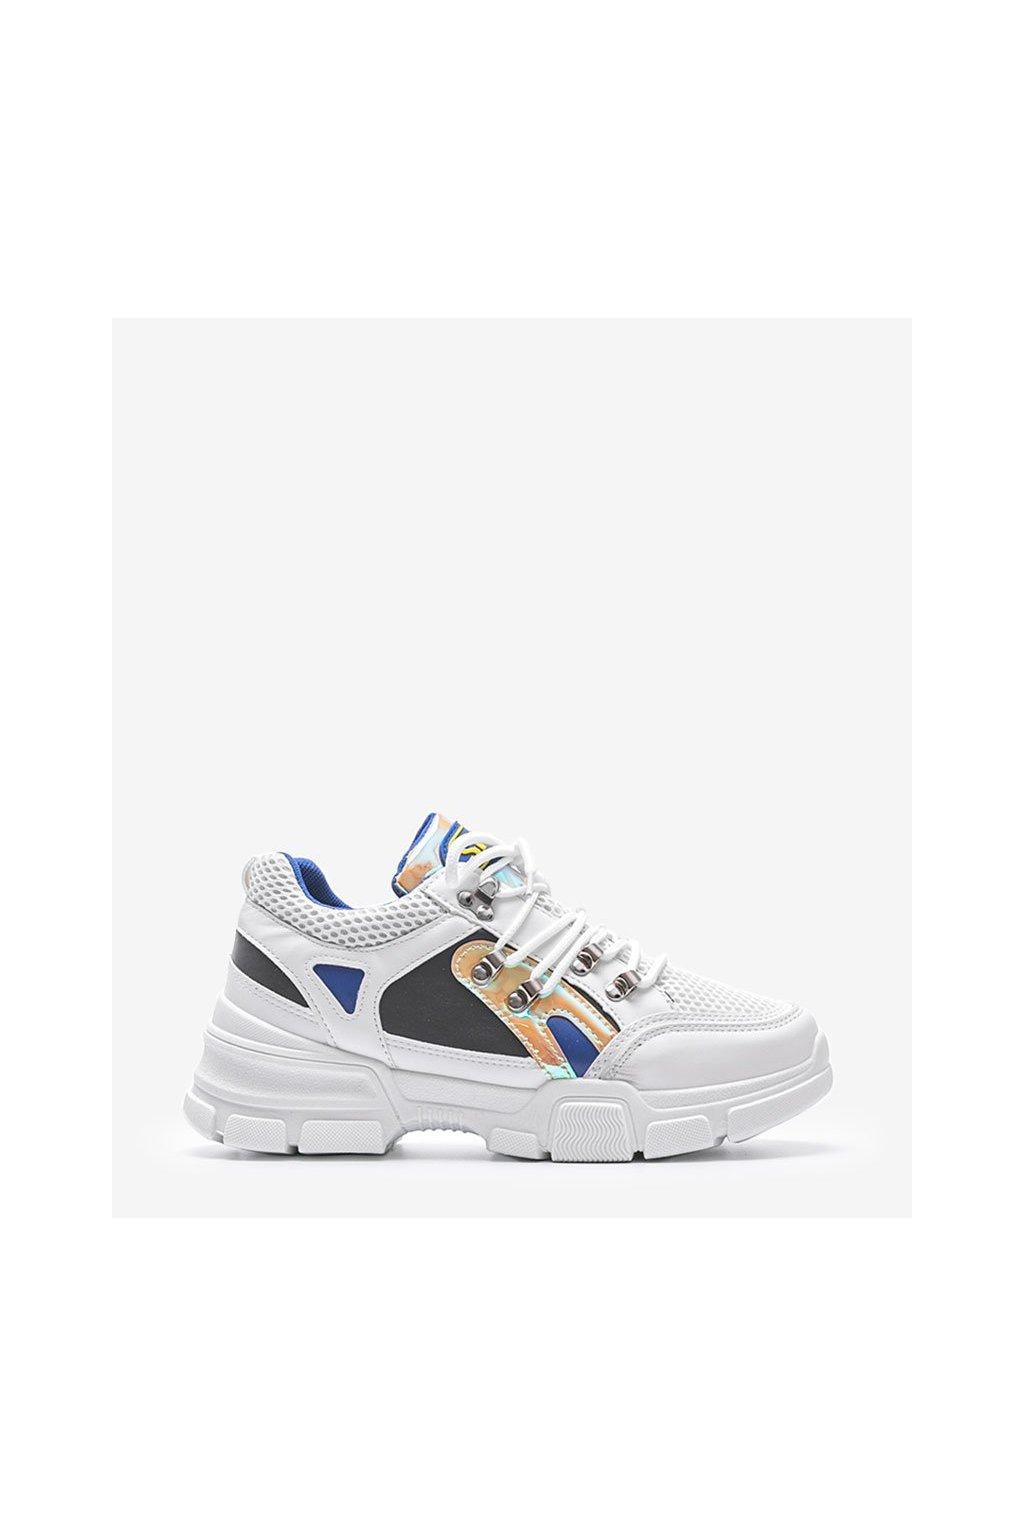 Dámske topánky tenisky biele kód BK001-9-6 - GM